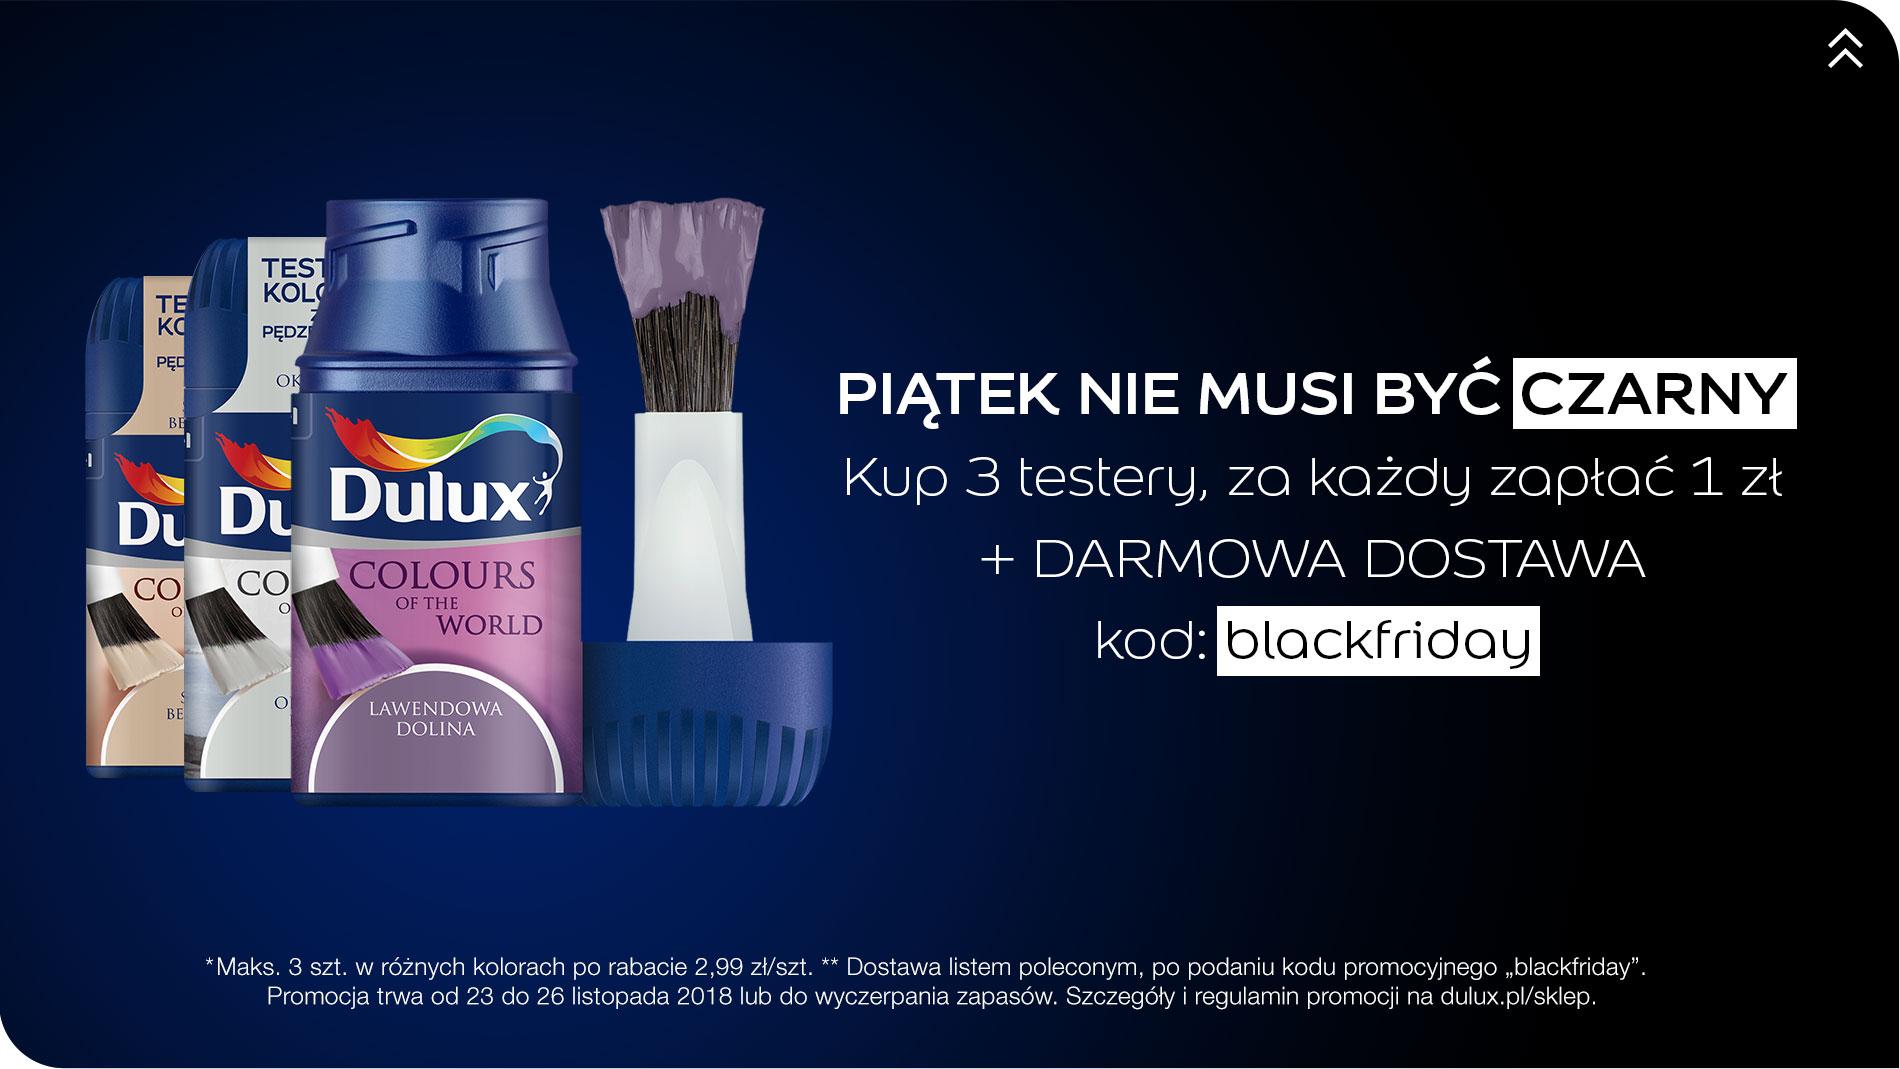 Testery Dulux za 1zł/sztuka + darmowa dostawa